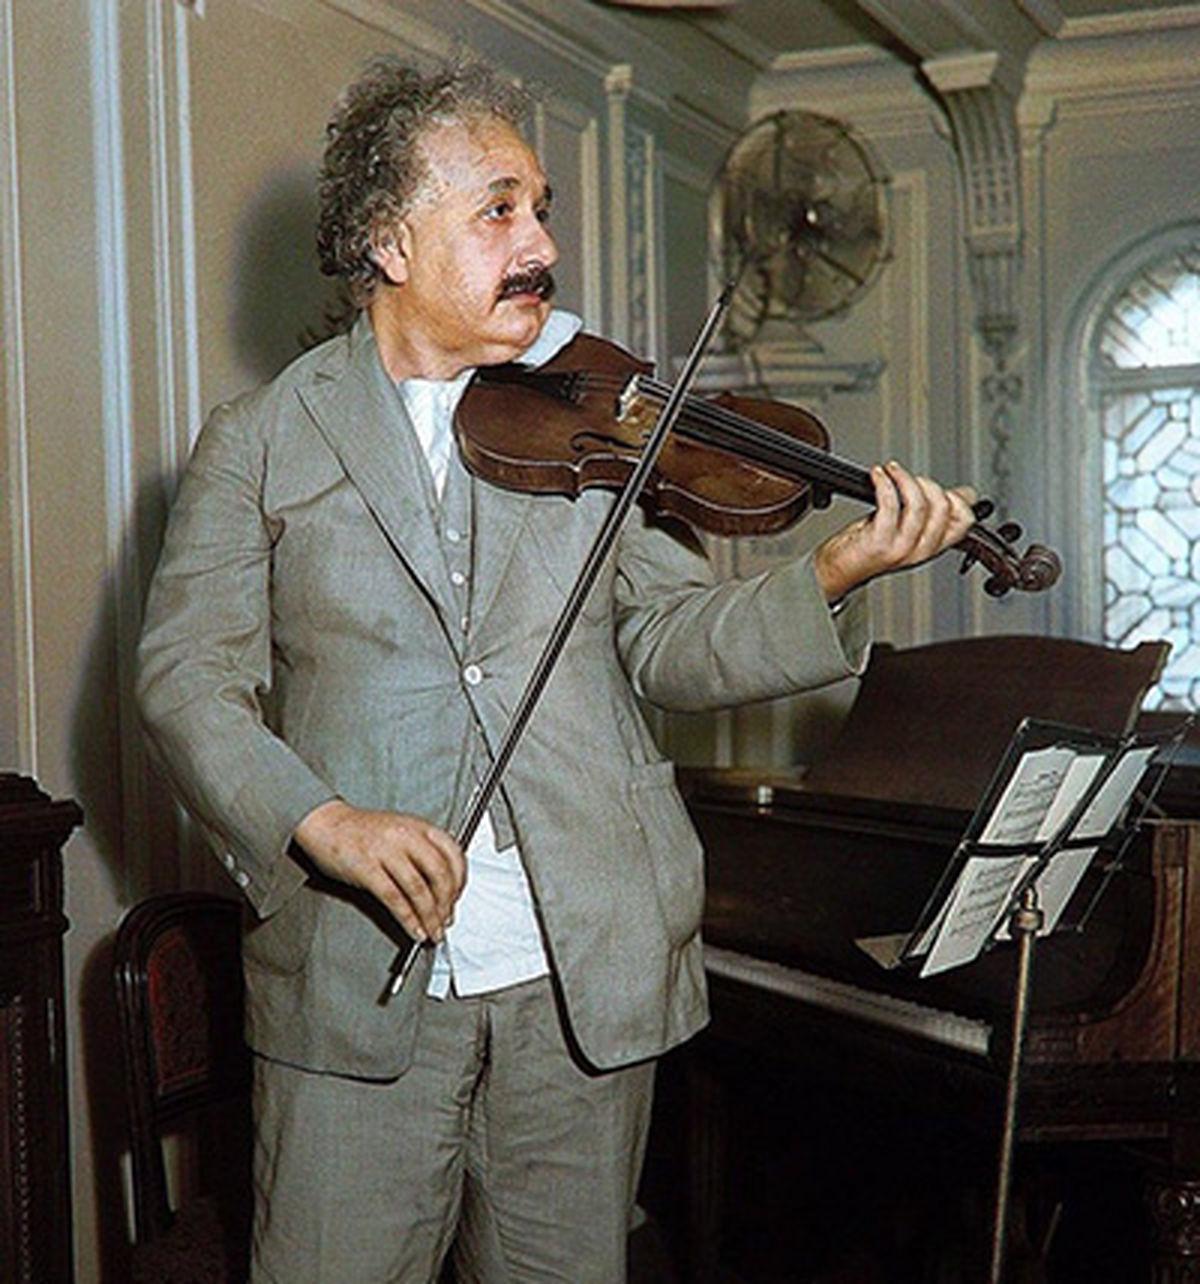 عکس دیده نشده از انیشتین در حال ویولن نوازی